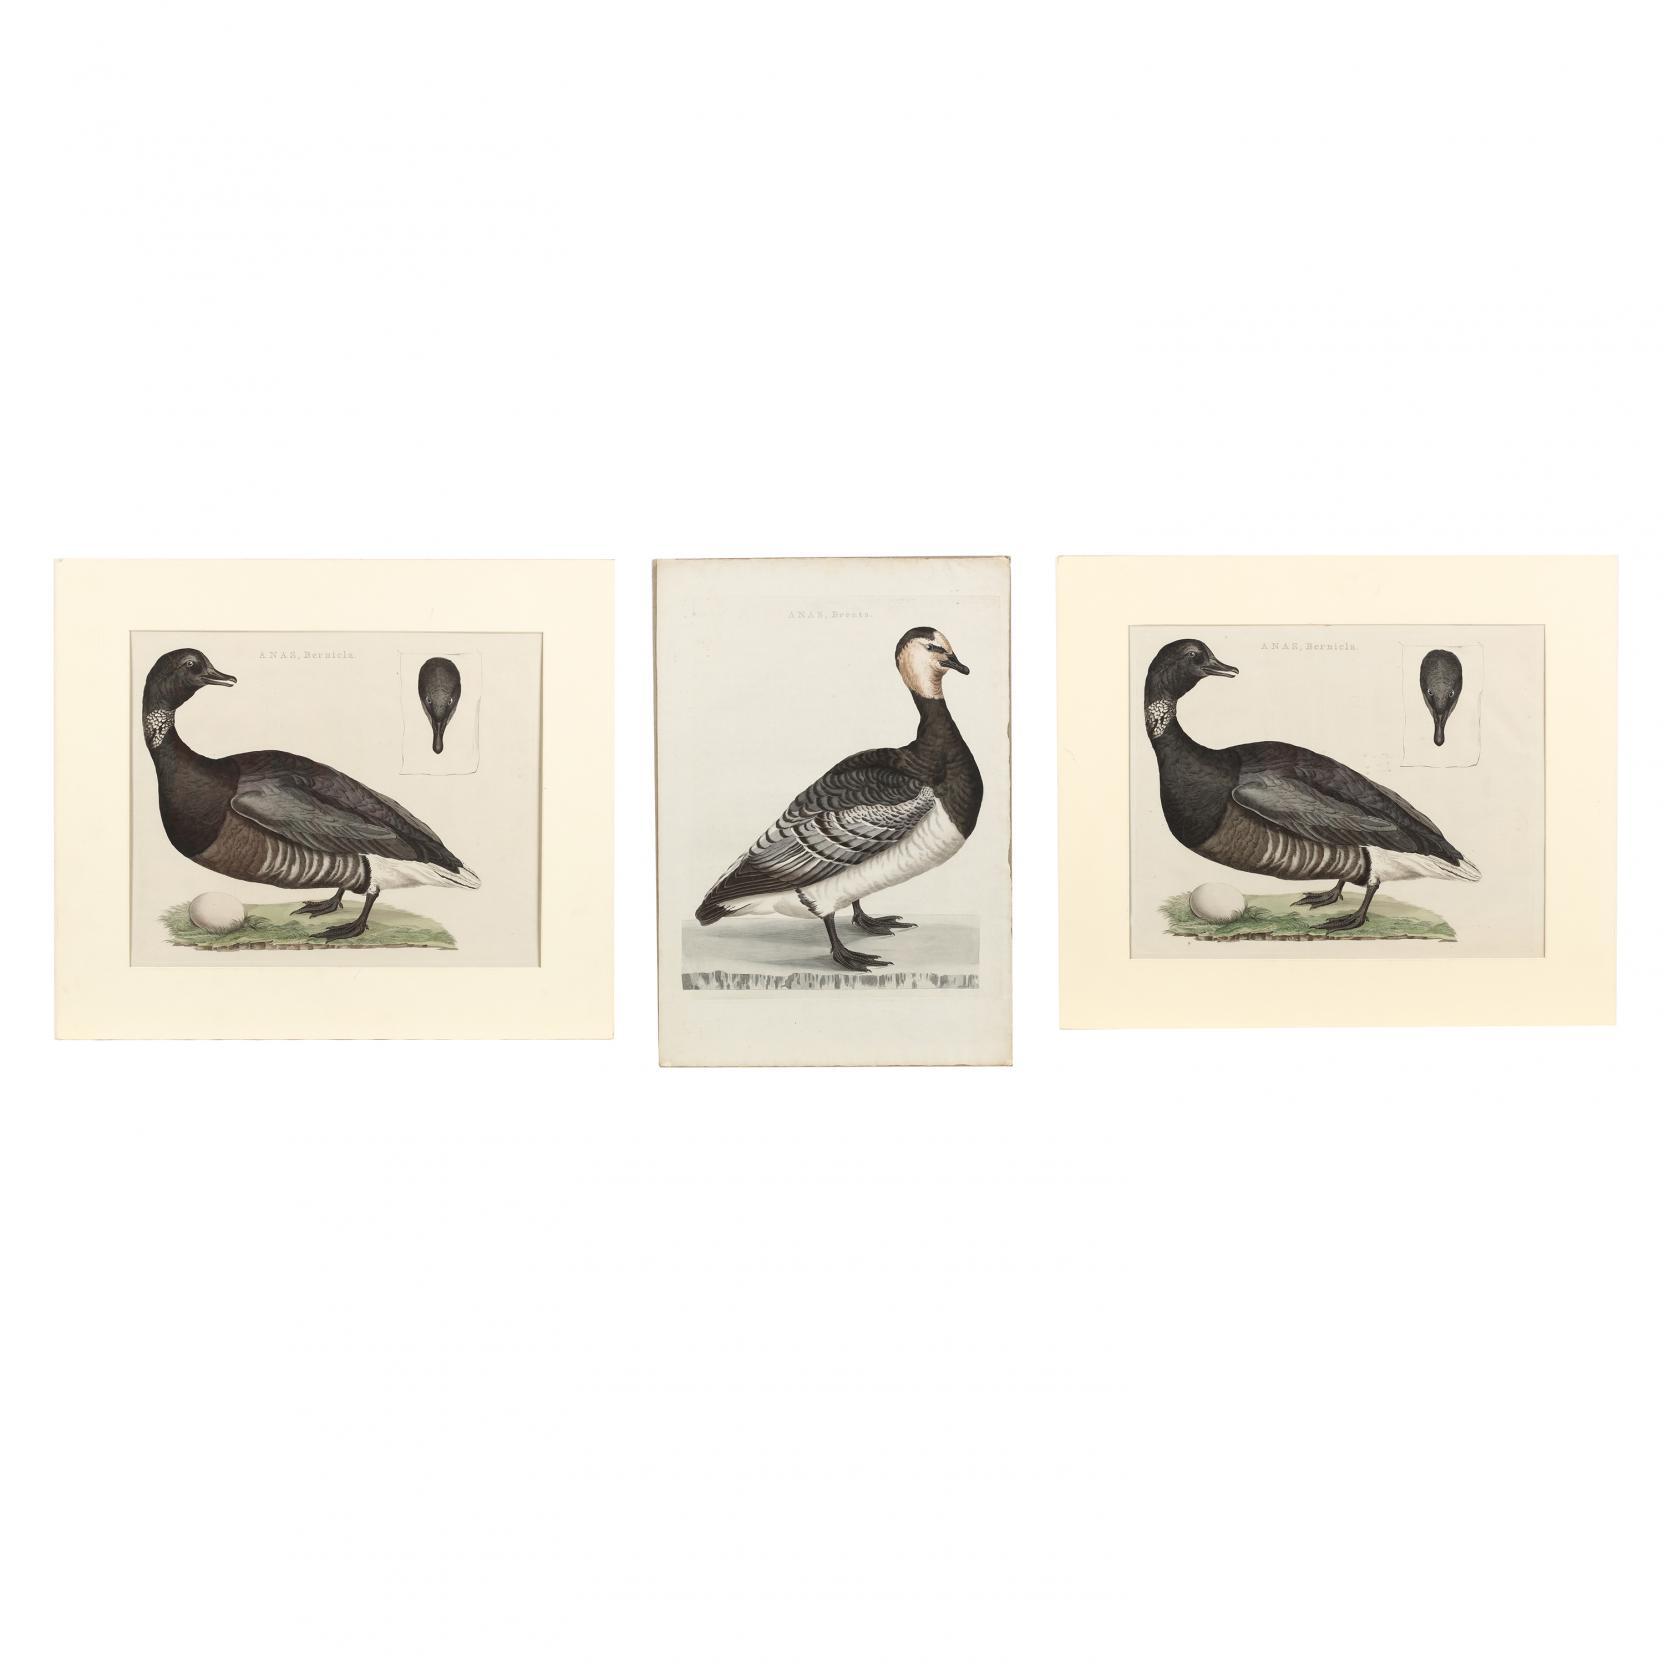 cornelius-nozeman-dutch-1712-1786-three-goose-prints